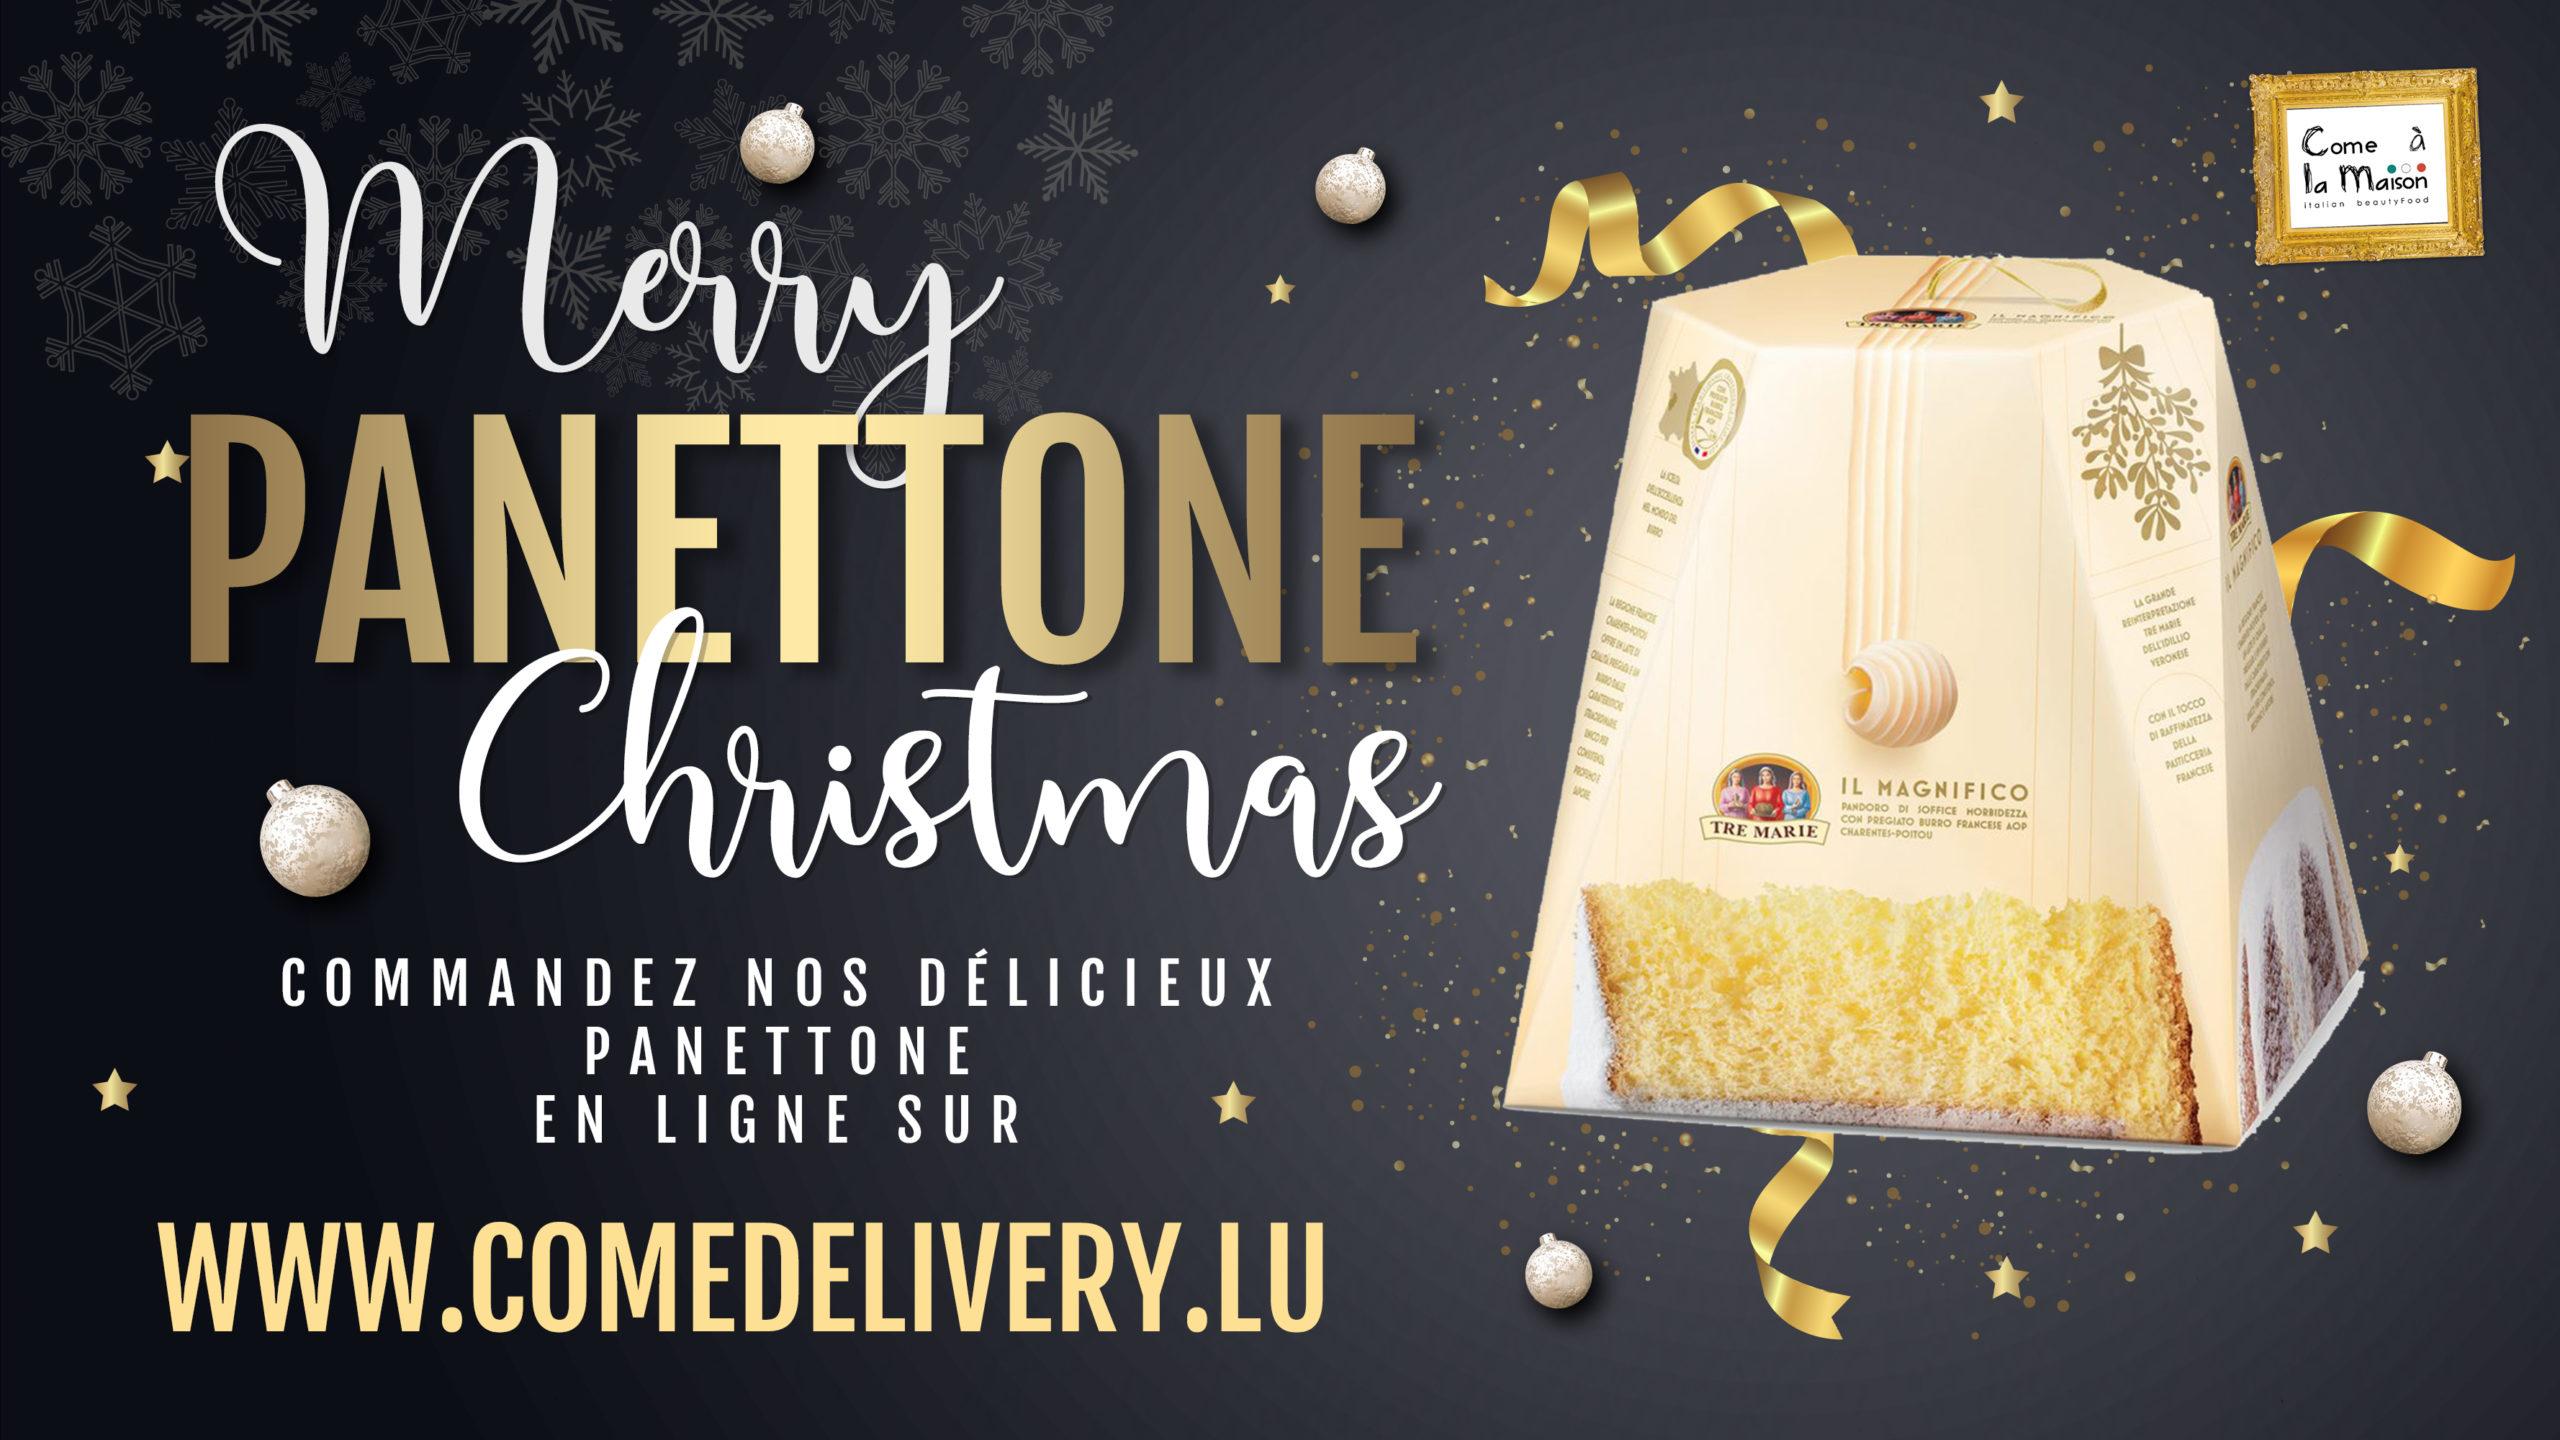 Panettone Epicerie Fine en ligne Luxembourg Come Delivery Come a la Maison